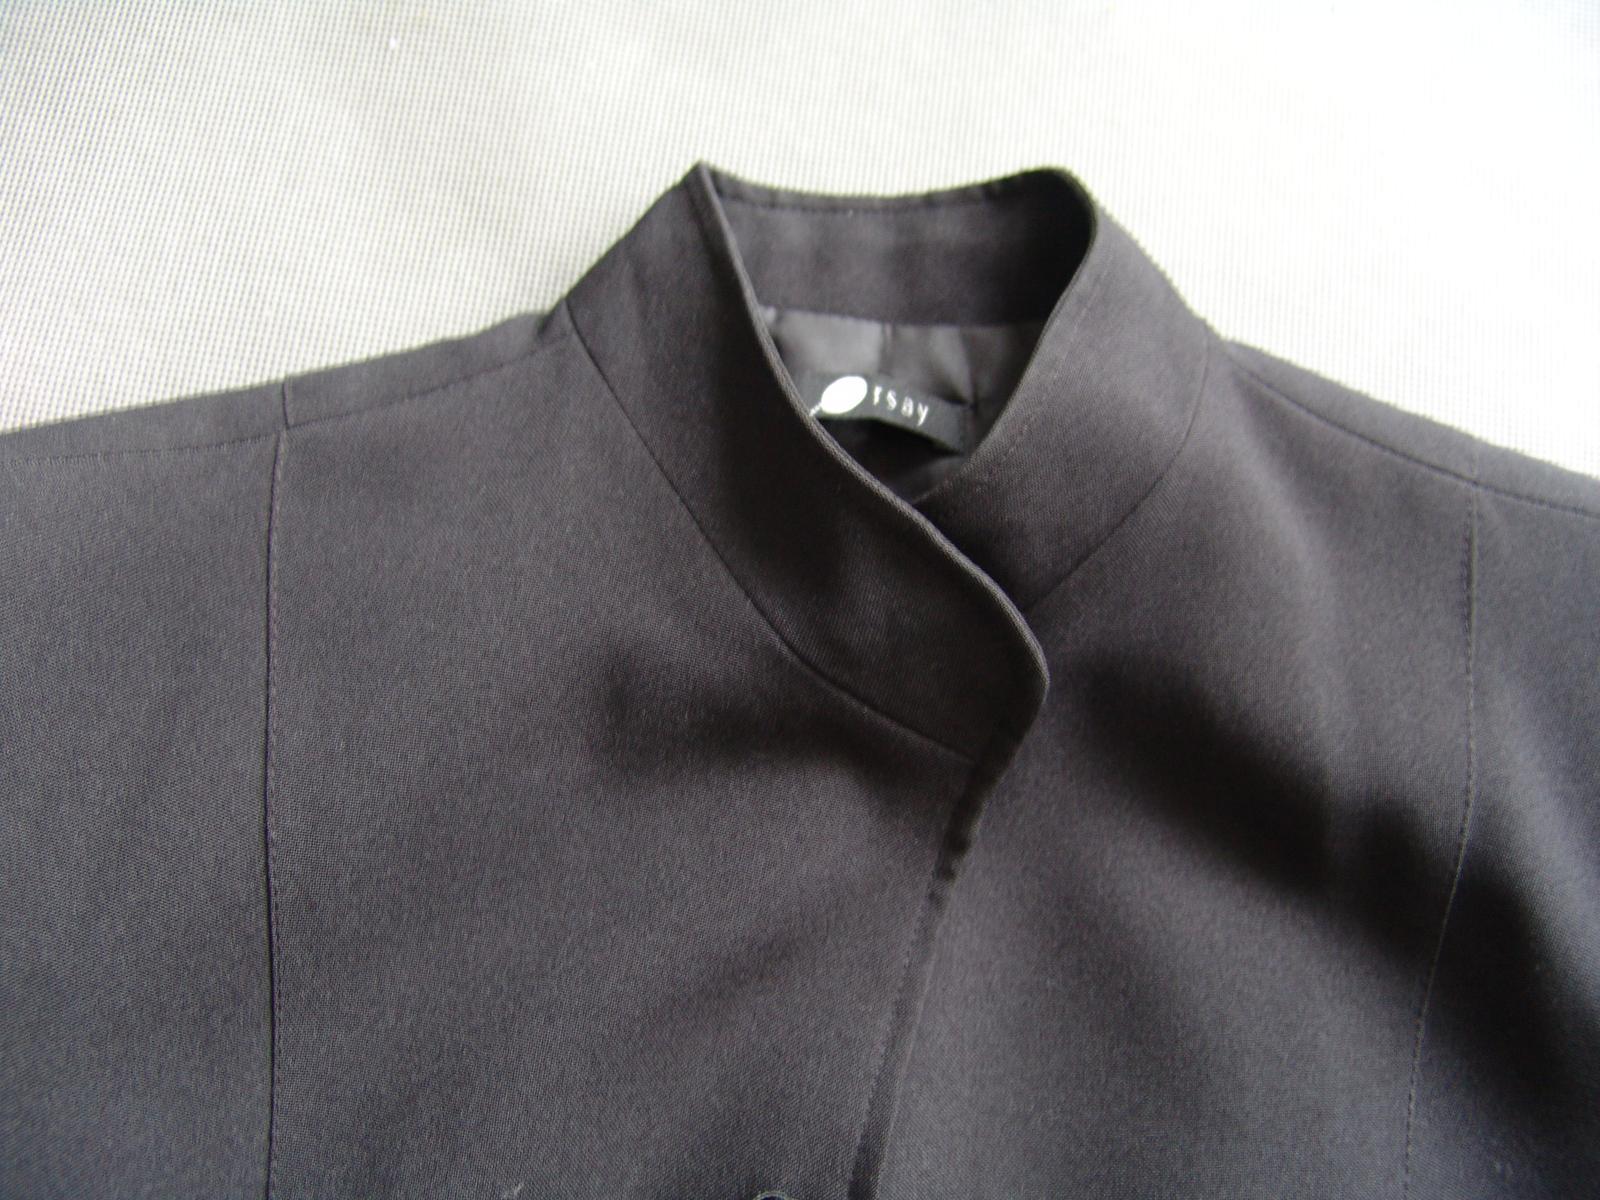 Černé sako Orsay - Obrázek č. 2